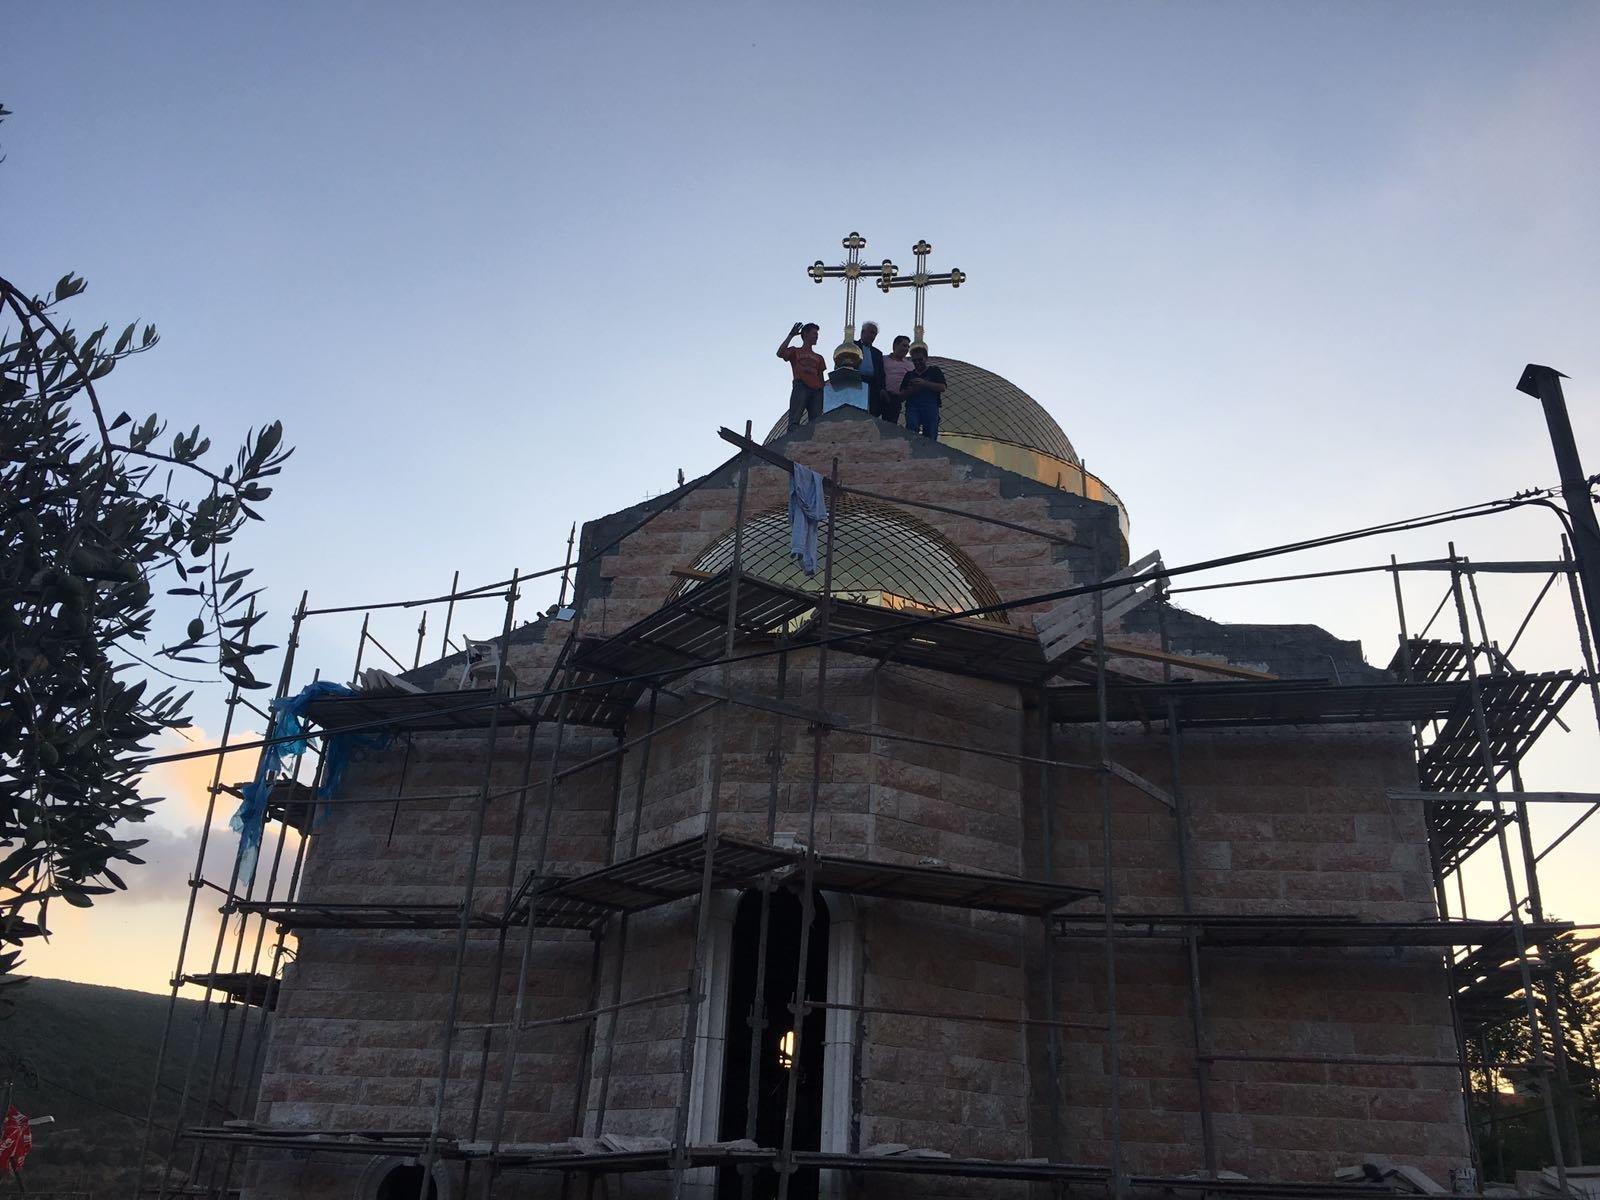 وضع القبة الثالثة على هيكل الكنيسة الجديدة في كفرسميع